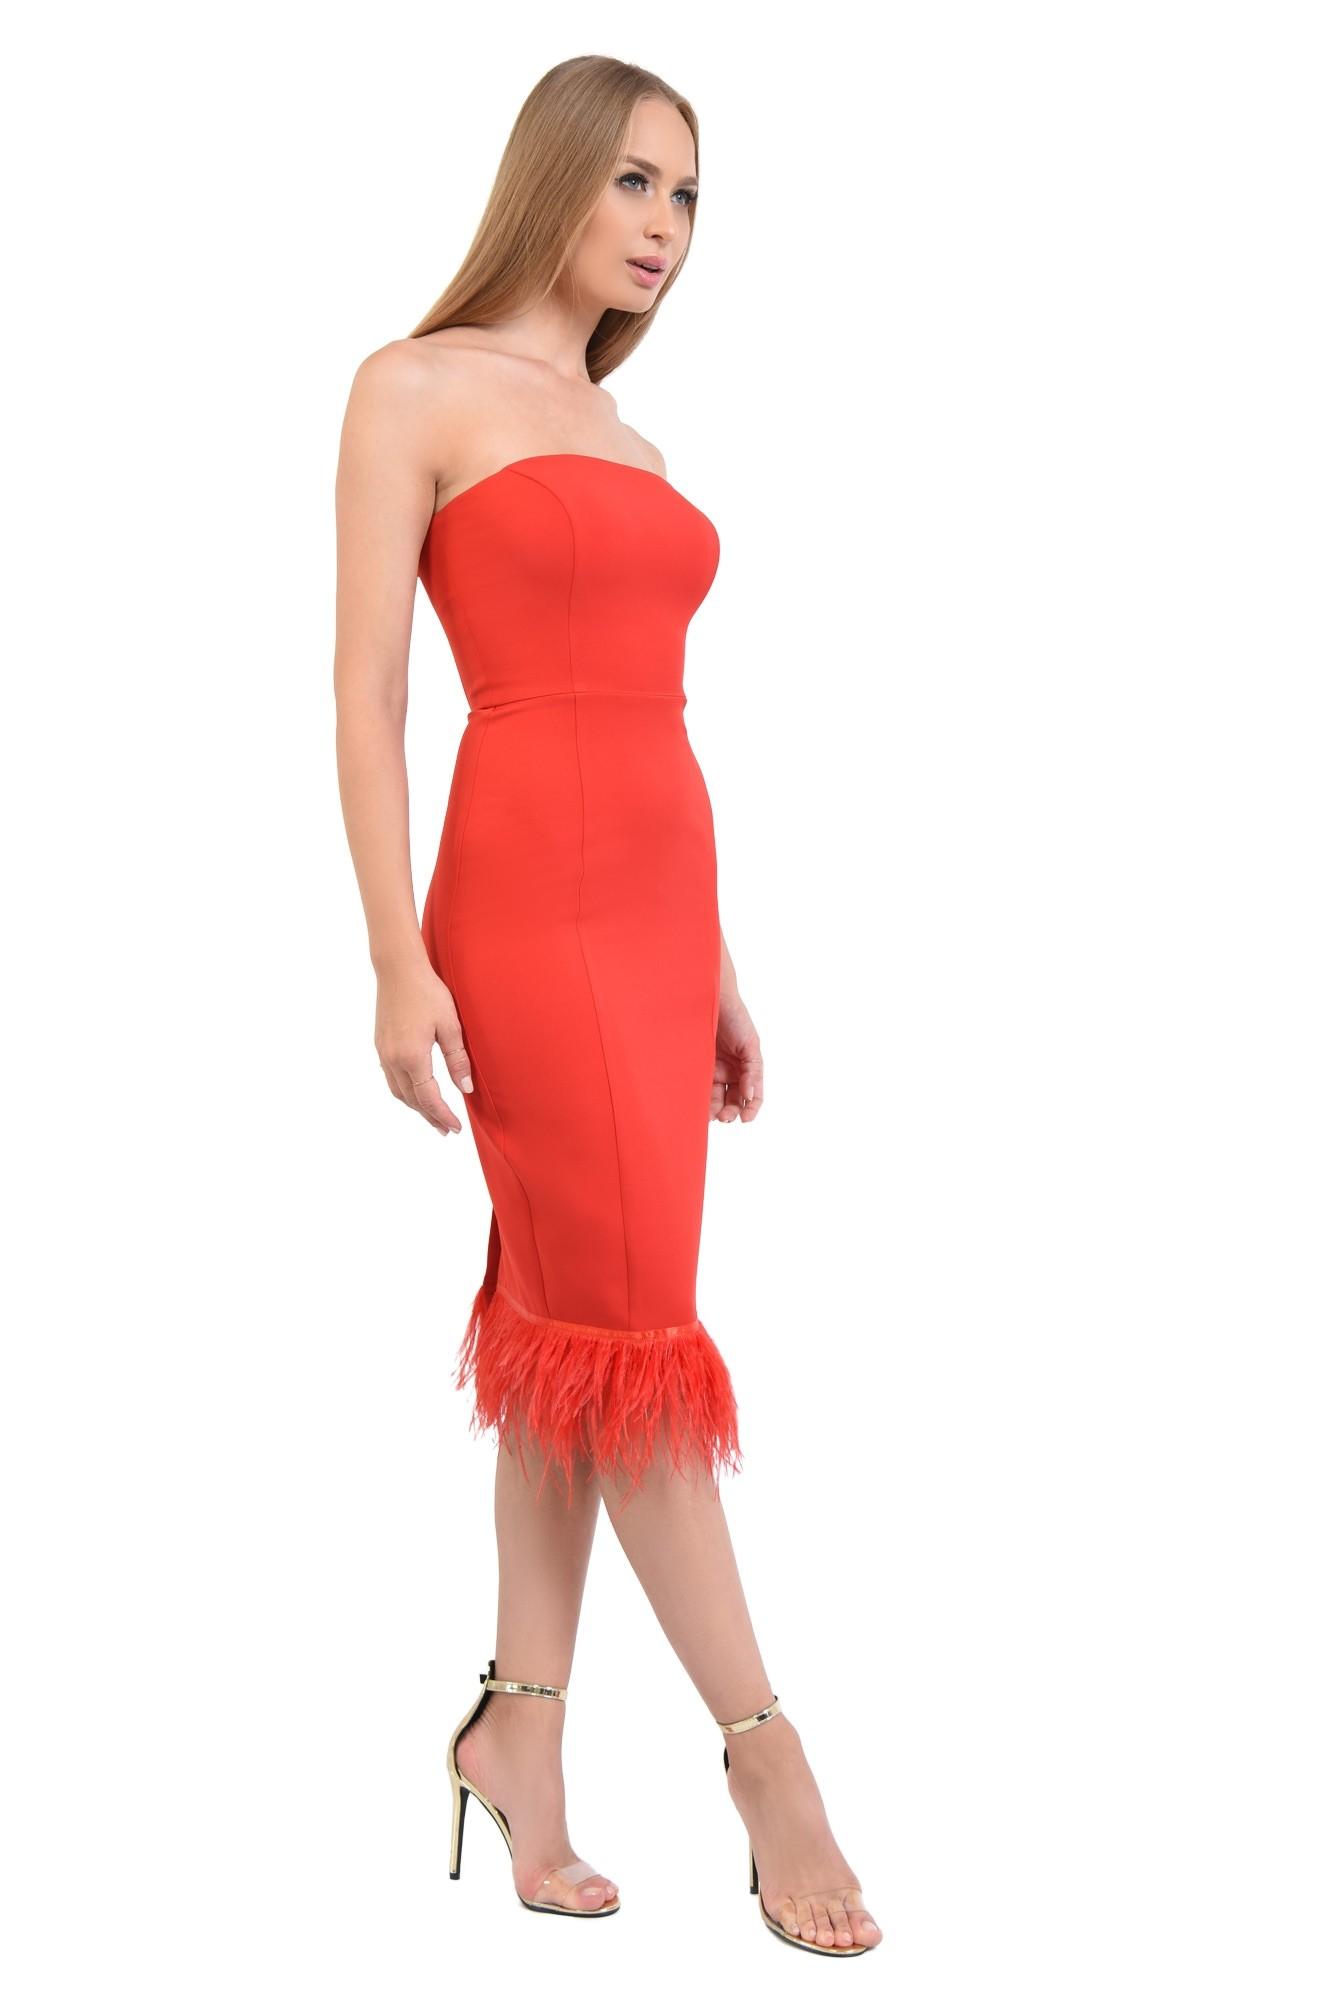 0 - rochie eleganta, rosu, corset